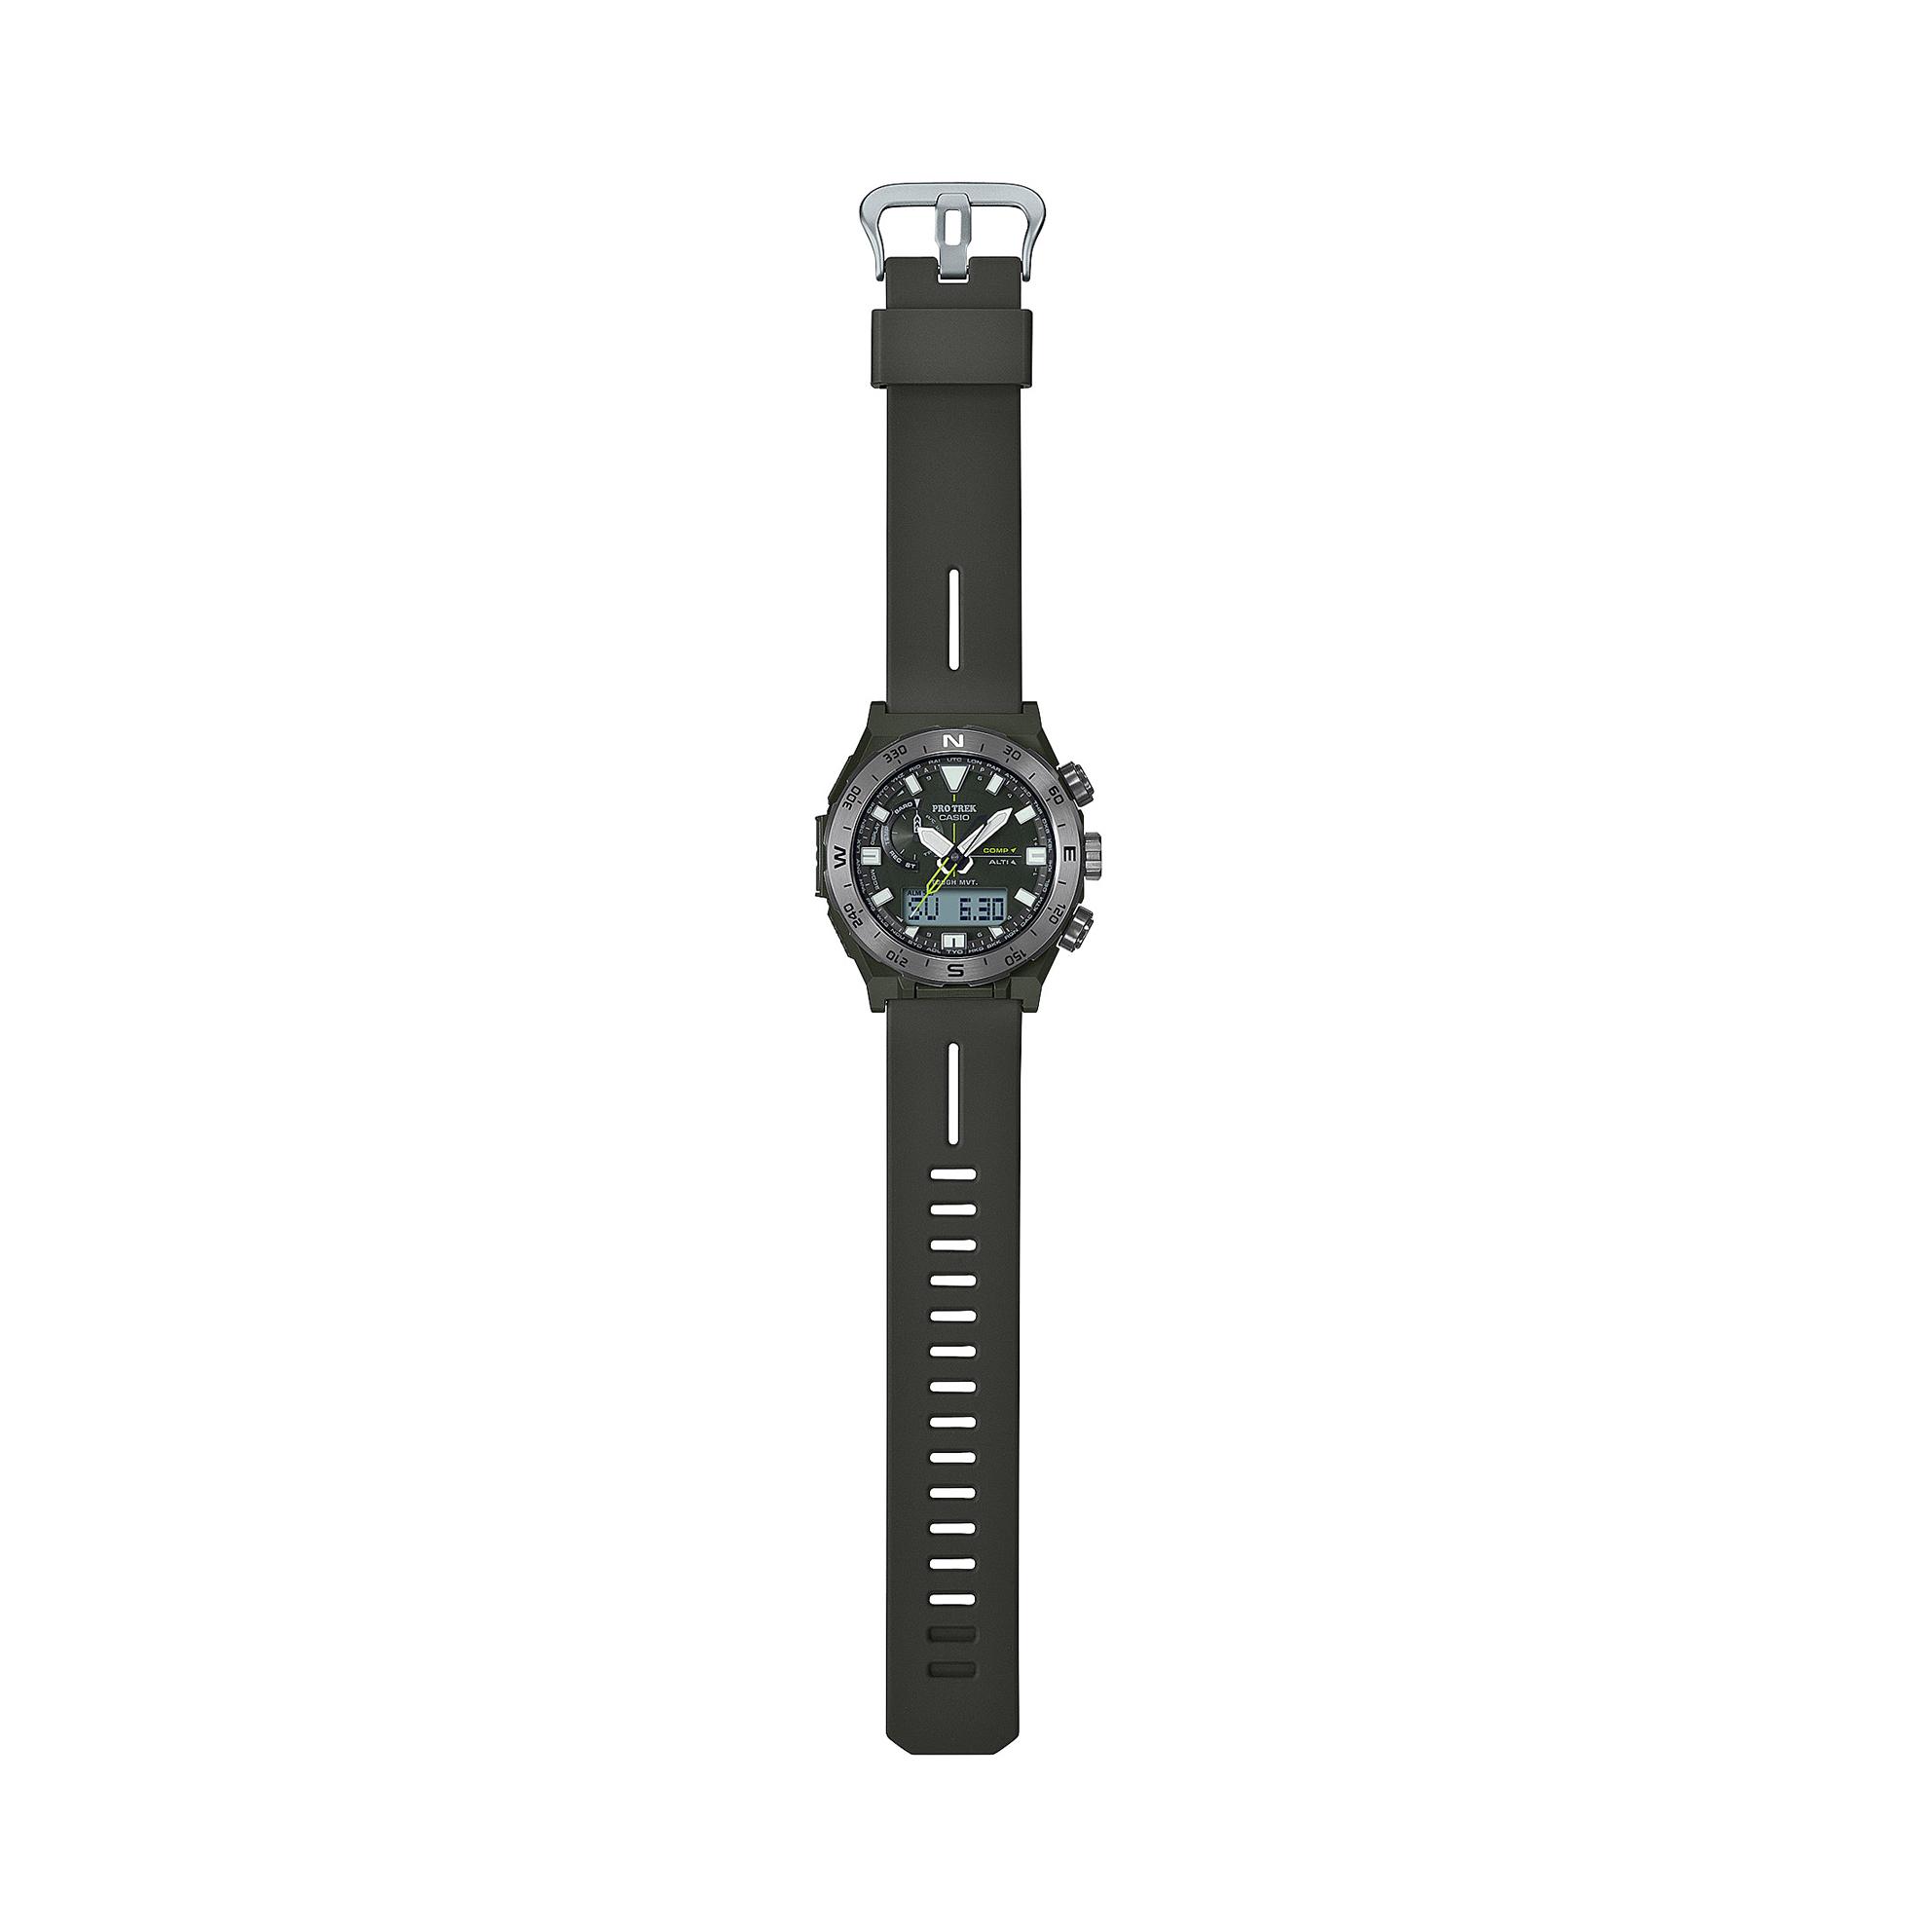 【送料無料】カシオ PRO TREK プロトレック PRW-6800Y-3JF メンズ腕時計 【CASIO】